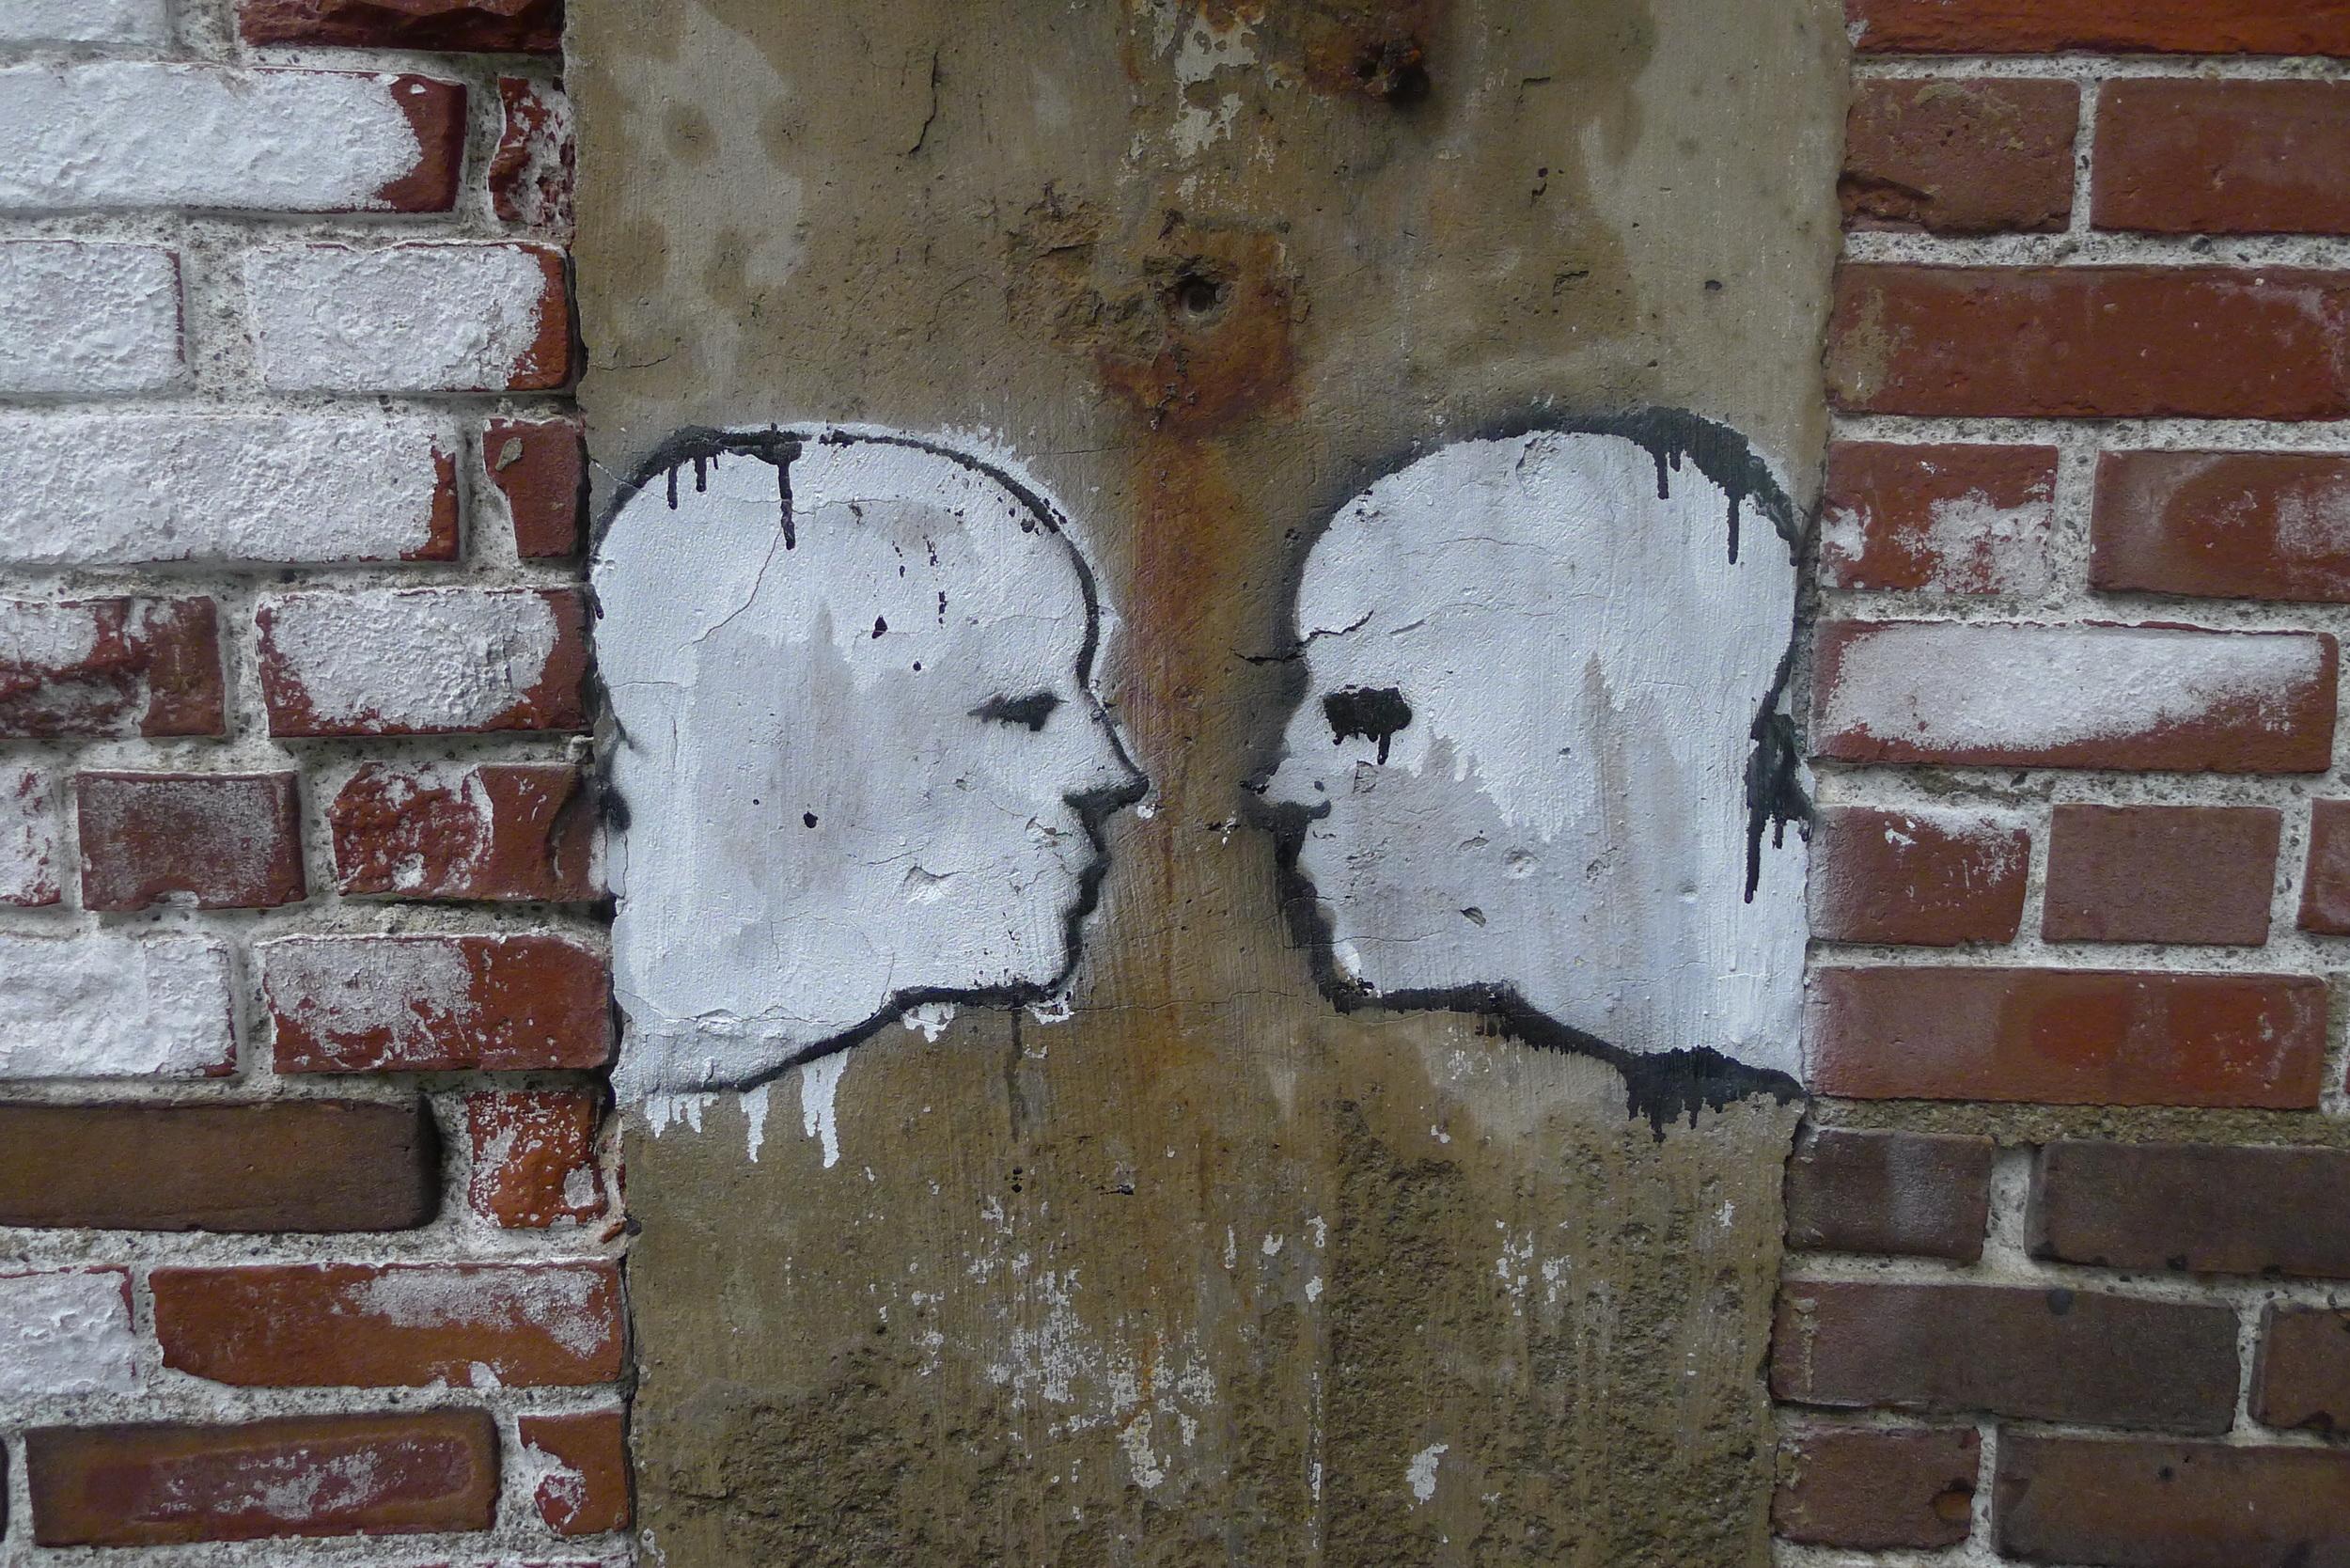 Sleep Will Come II (The Kiss), spray paint